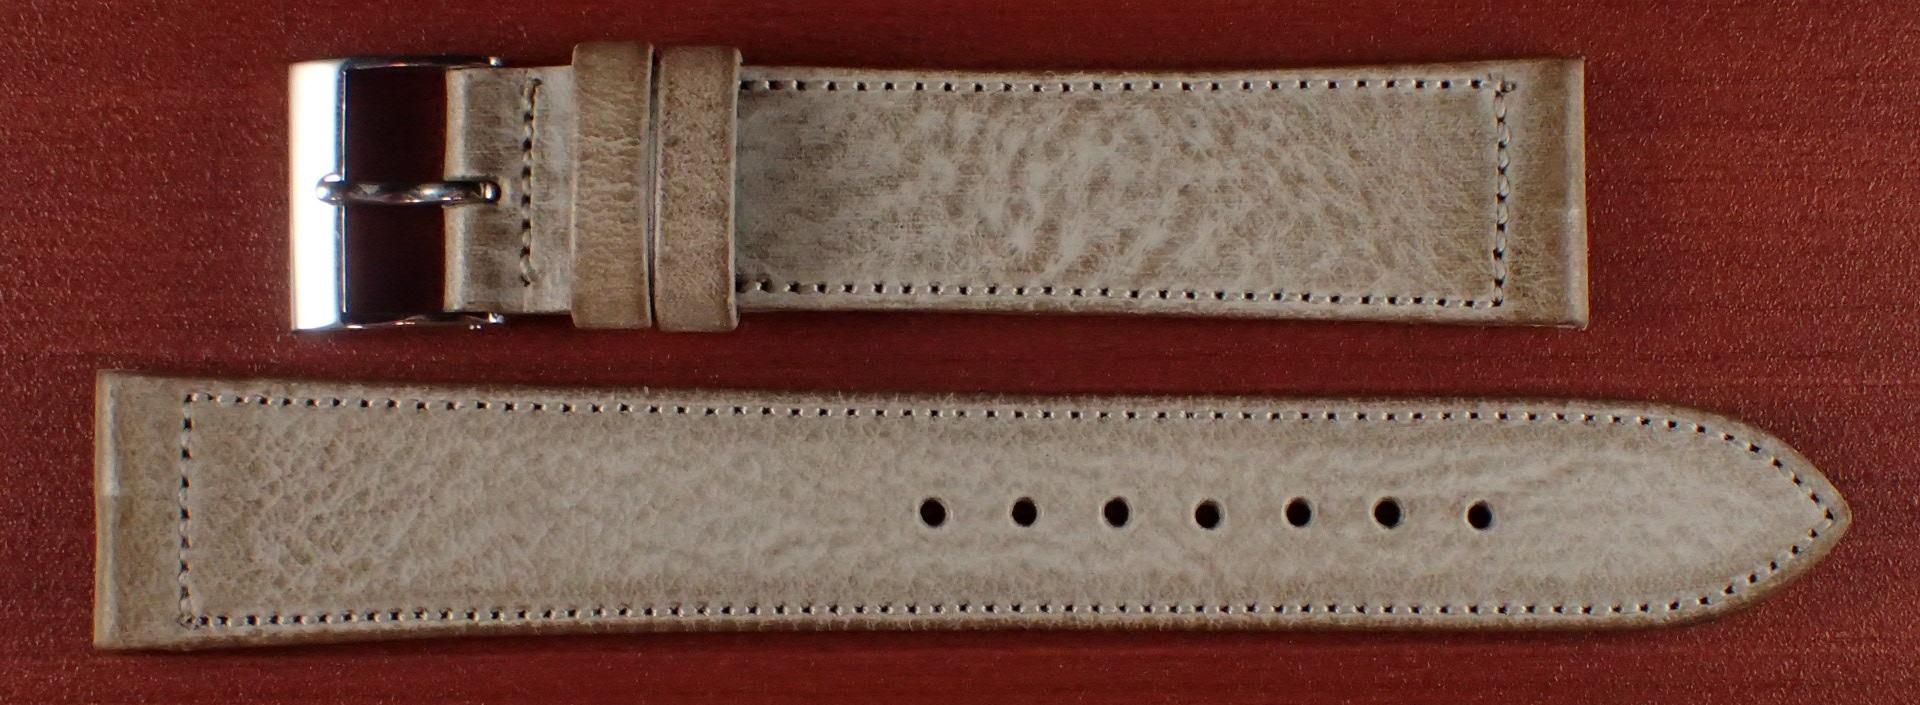 ブライドルレザーベルト ラ・ペルラ・アッズーラ アラスカ ナチュラル 16、17、18、19、20mm